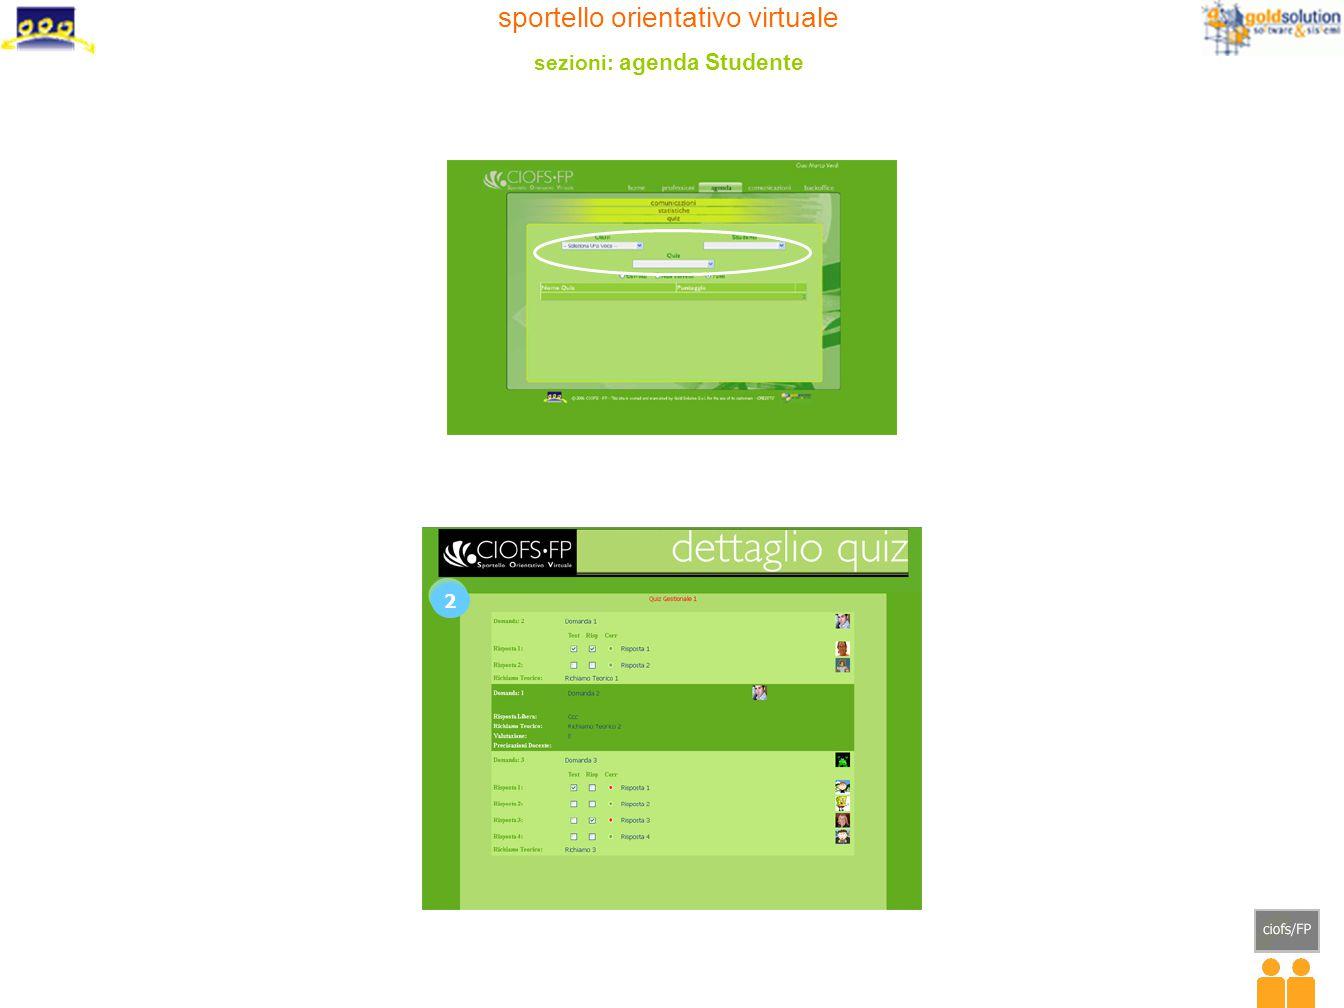 sportello orientativo virtuale sezioni: agenda Studente 2 2